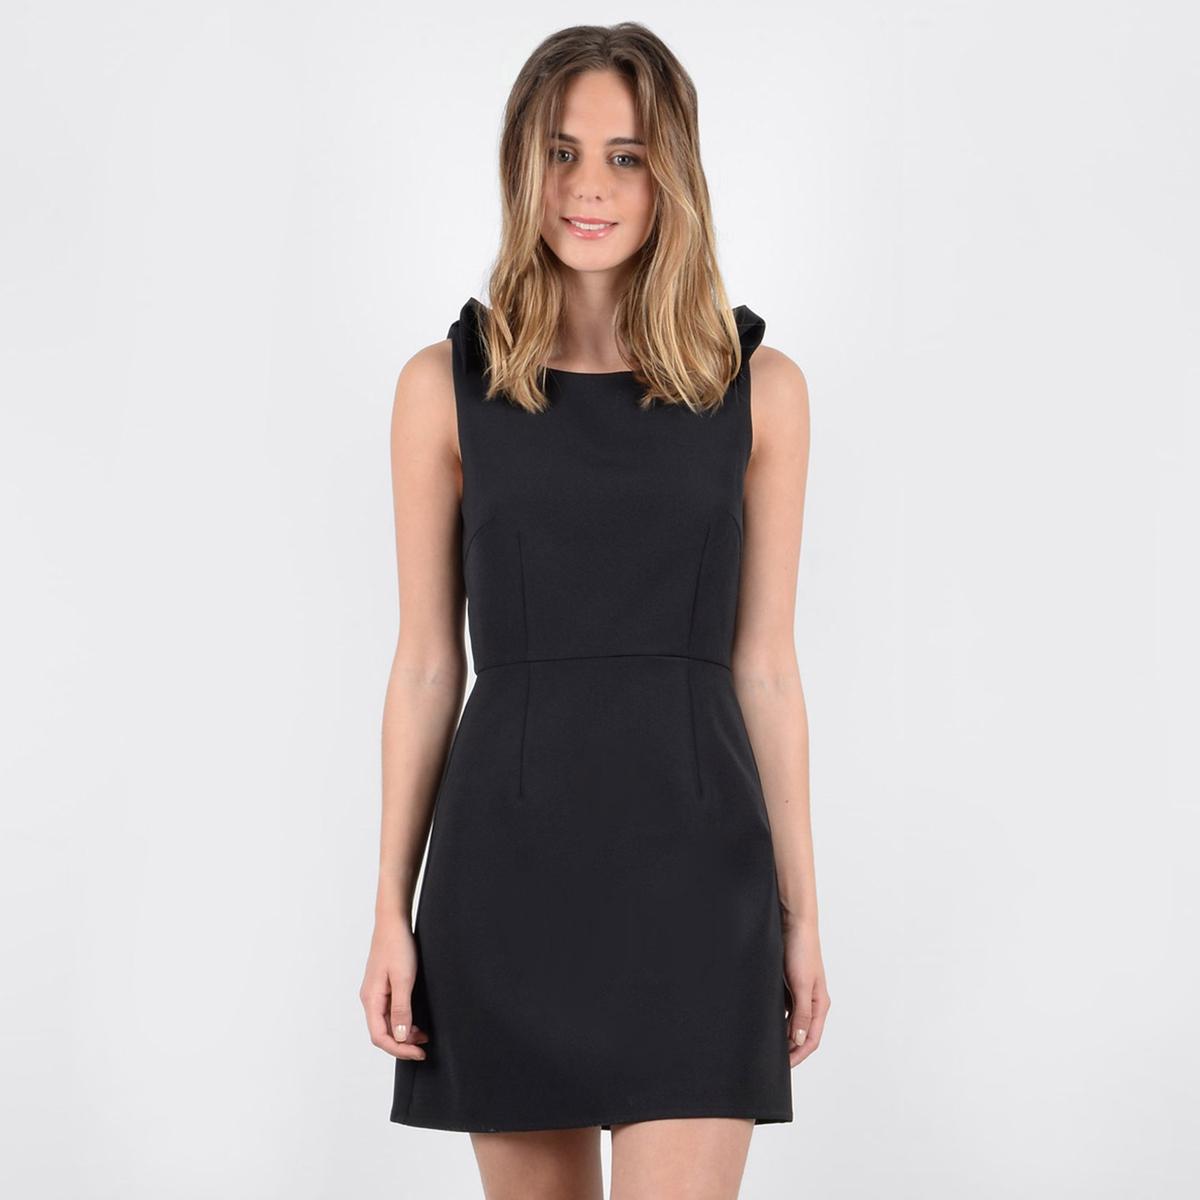 Платье La Redoute Короткое прямое без рукавов L черный